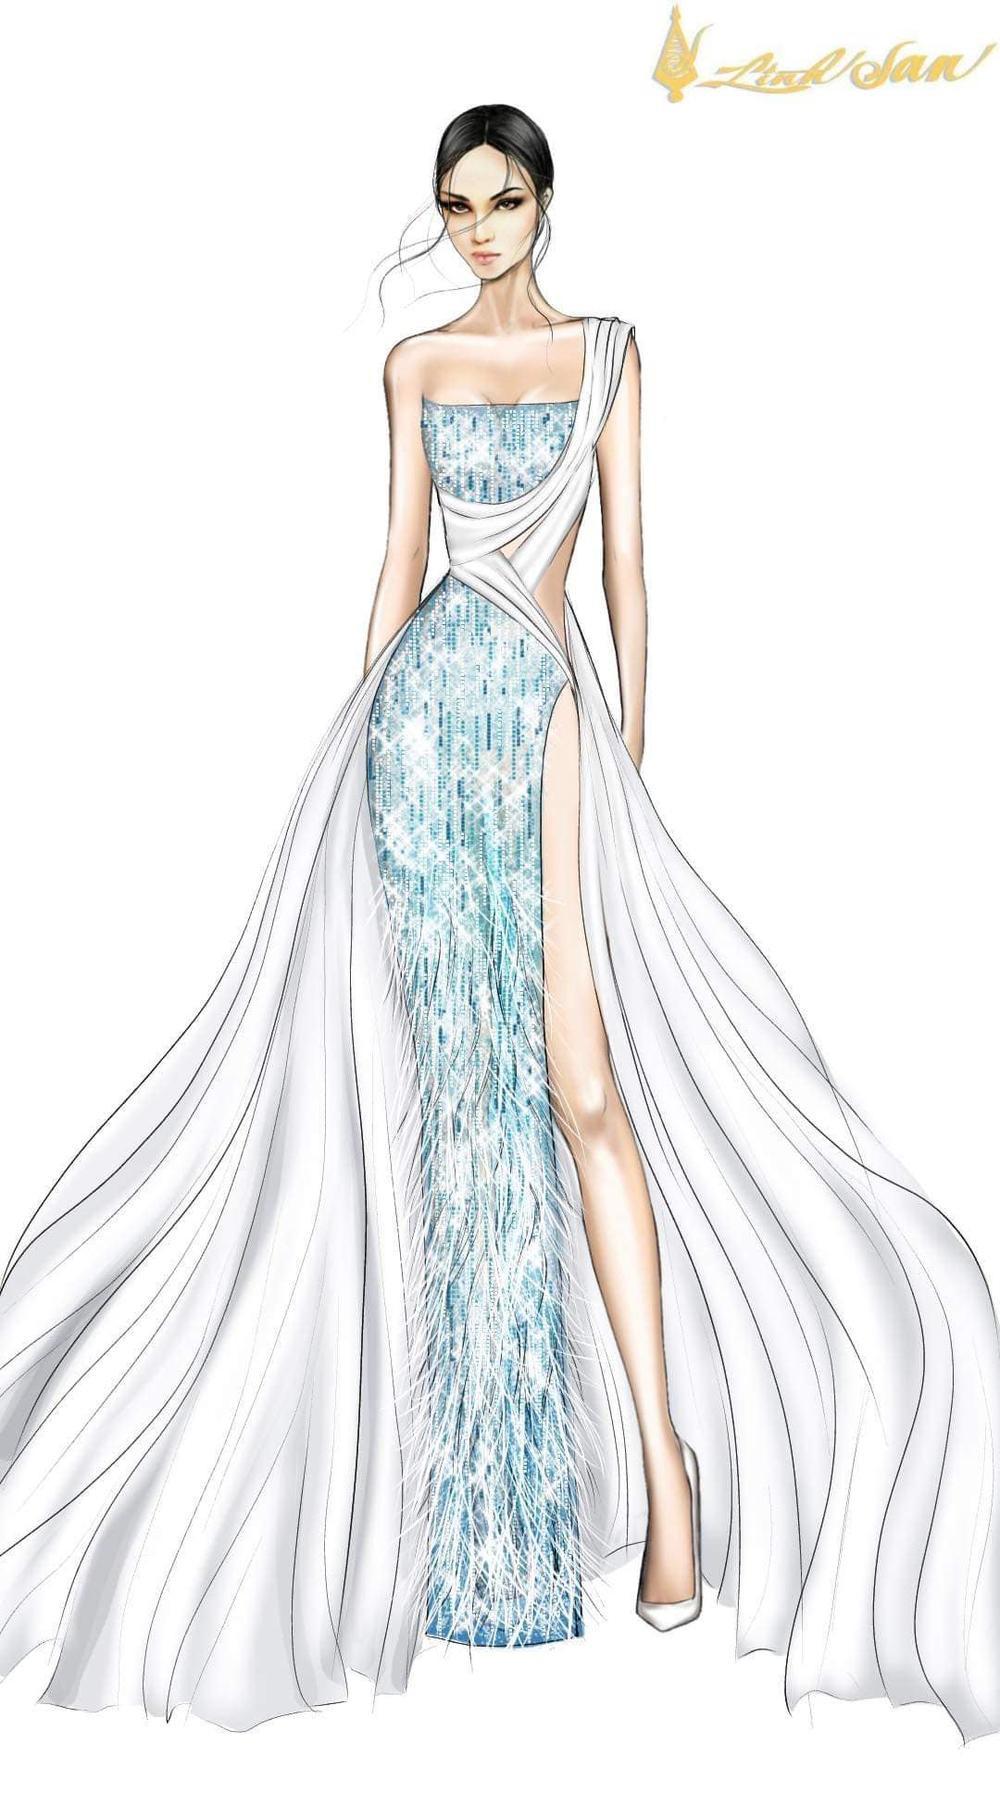 7 bộ váy dạ hội đẹp tinh xảo mà Ngọc Thảo không có cơ hội trình diễn tại Miss Grand International Ảnh 15